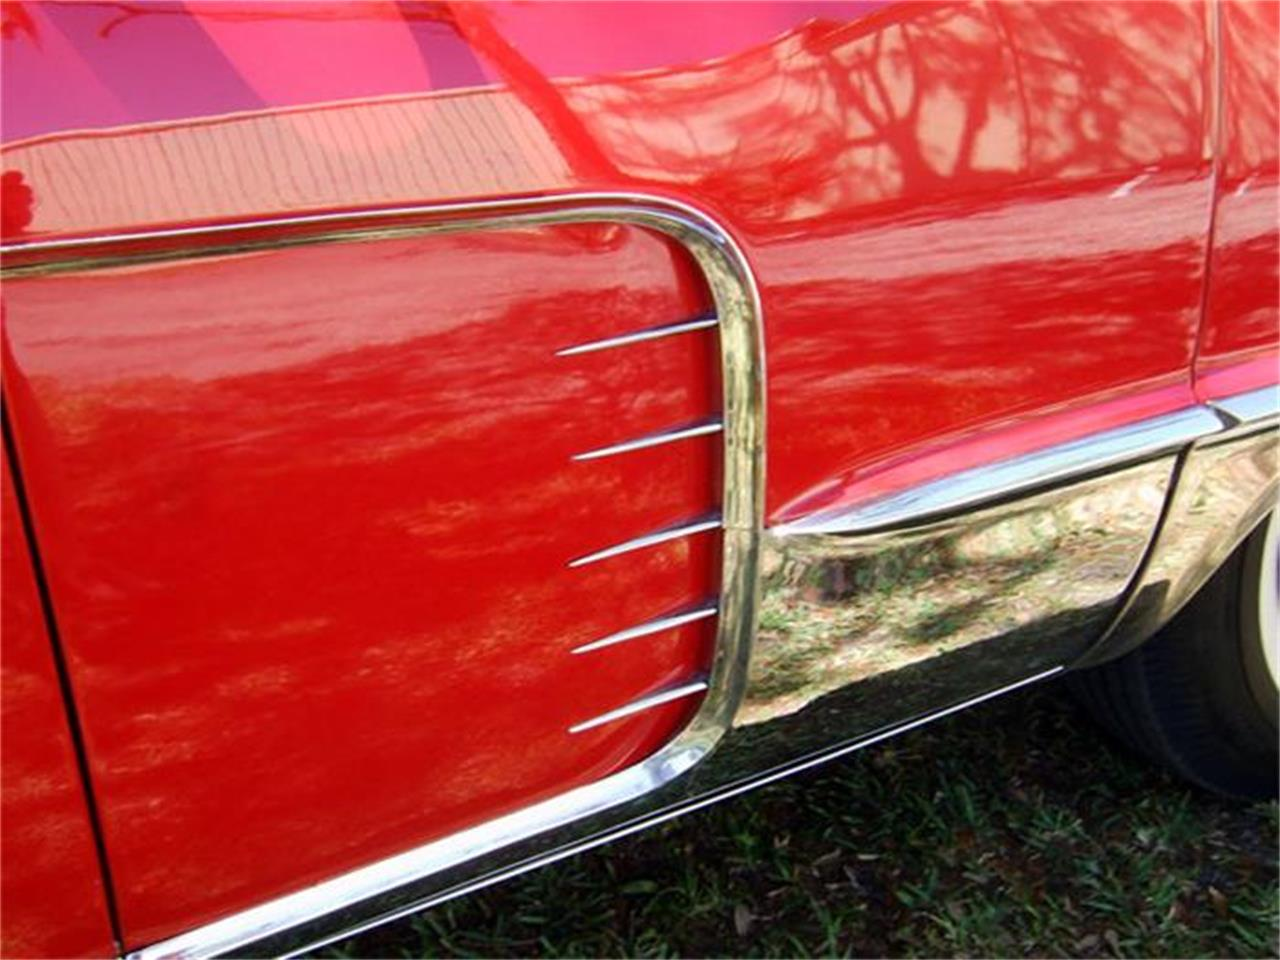 Large Picture of Classic '58 Cadillac Eldorado Brougham - B3EW